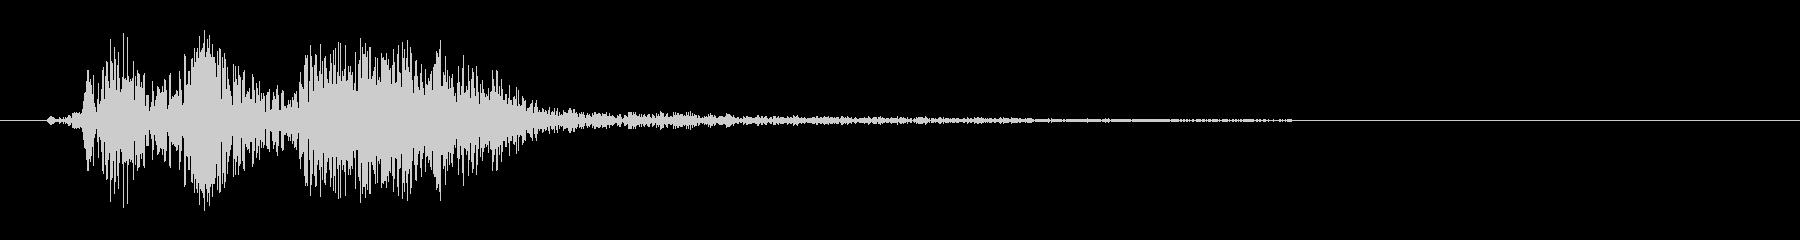 シュンという高い音の効果音の未再生の波形